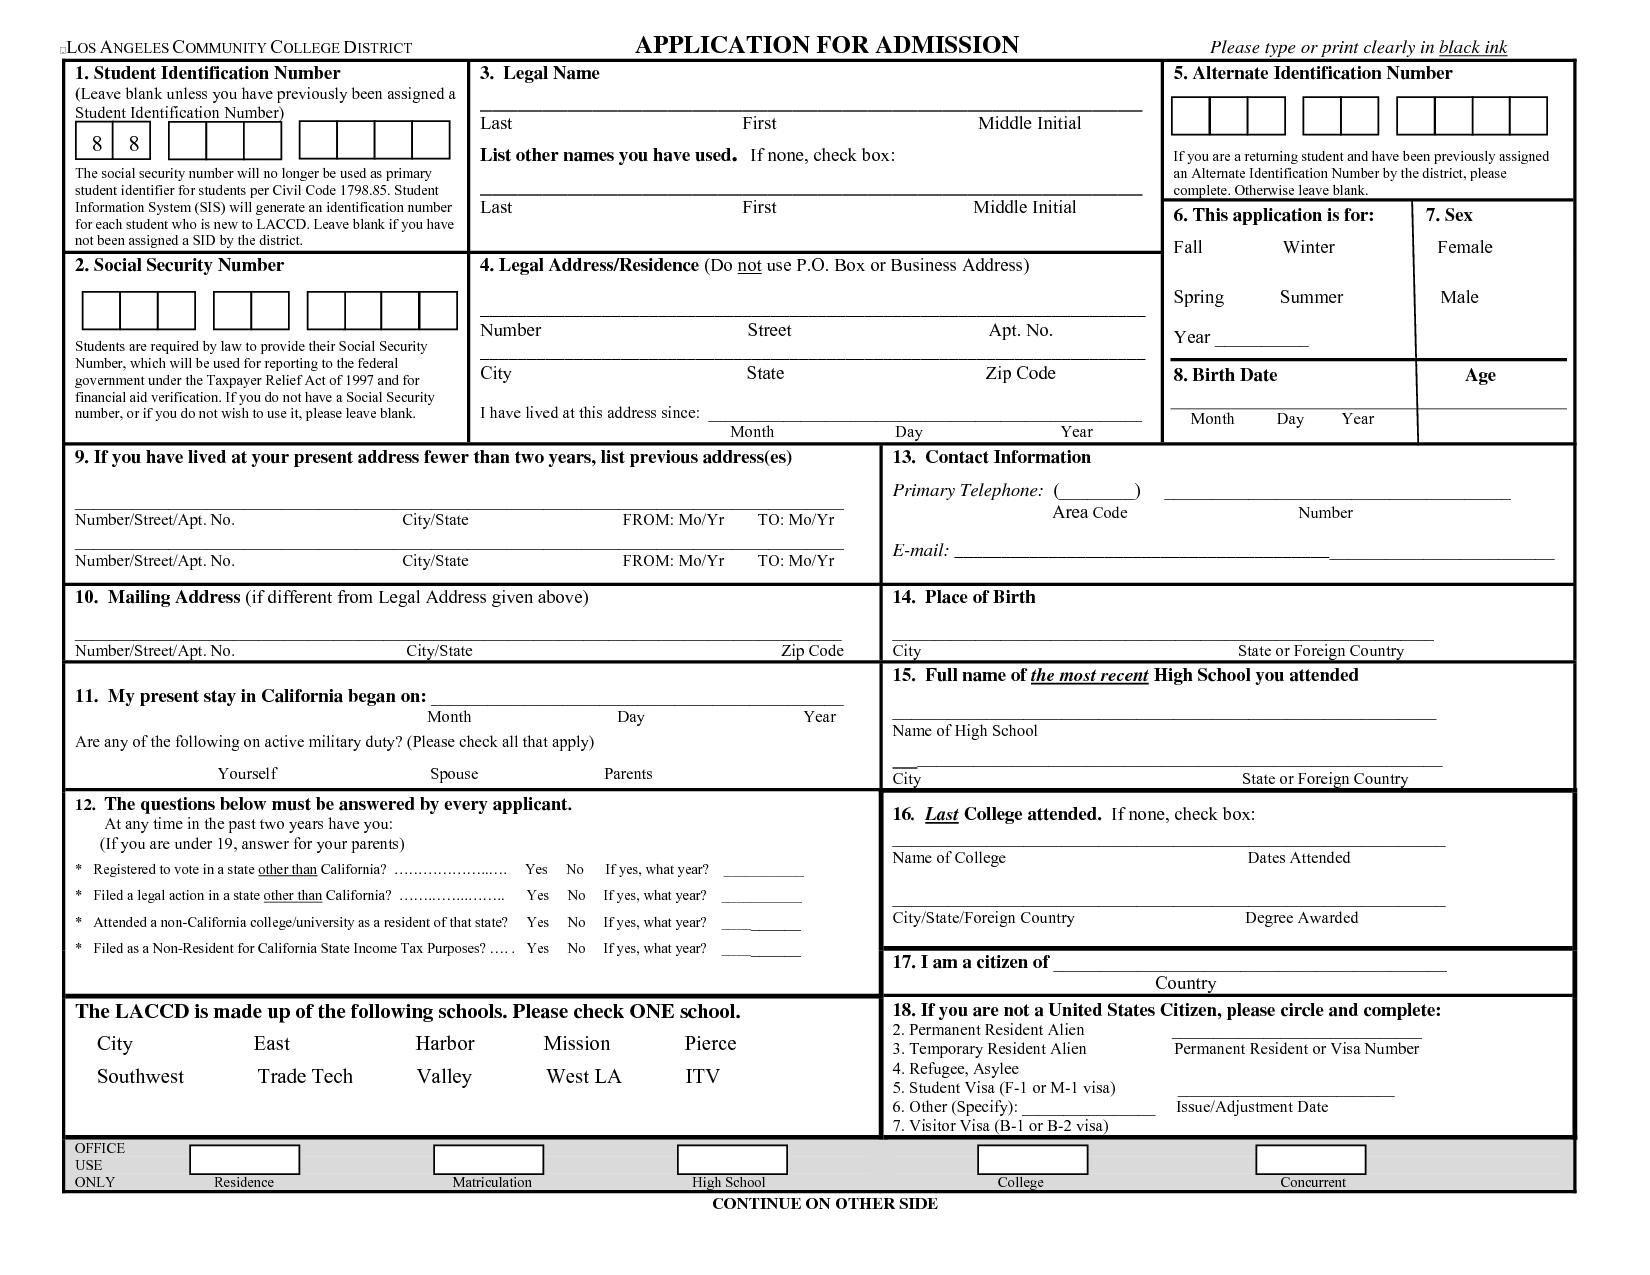 Printable Blank Job Application Form Employment Application Job Application Form Job Application